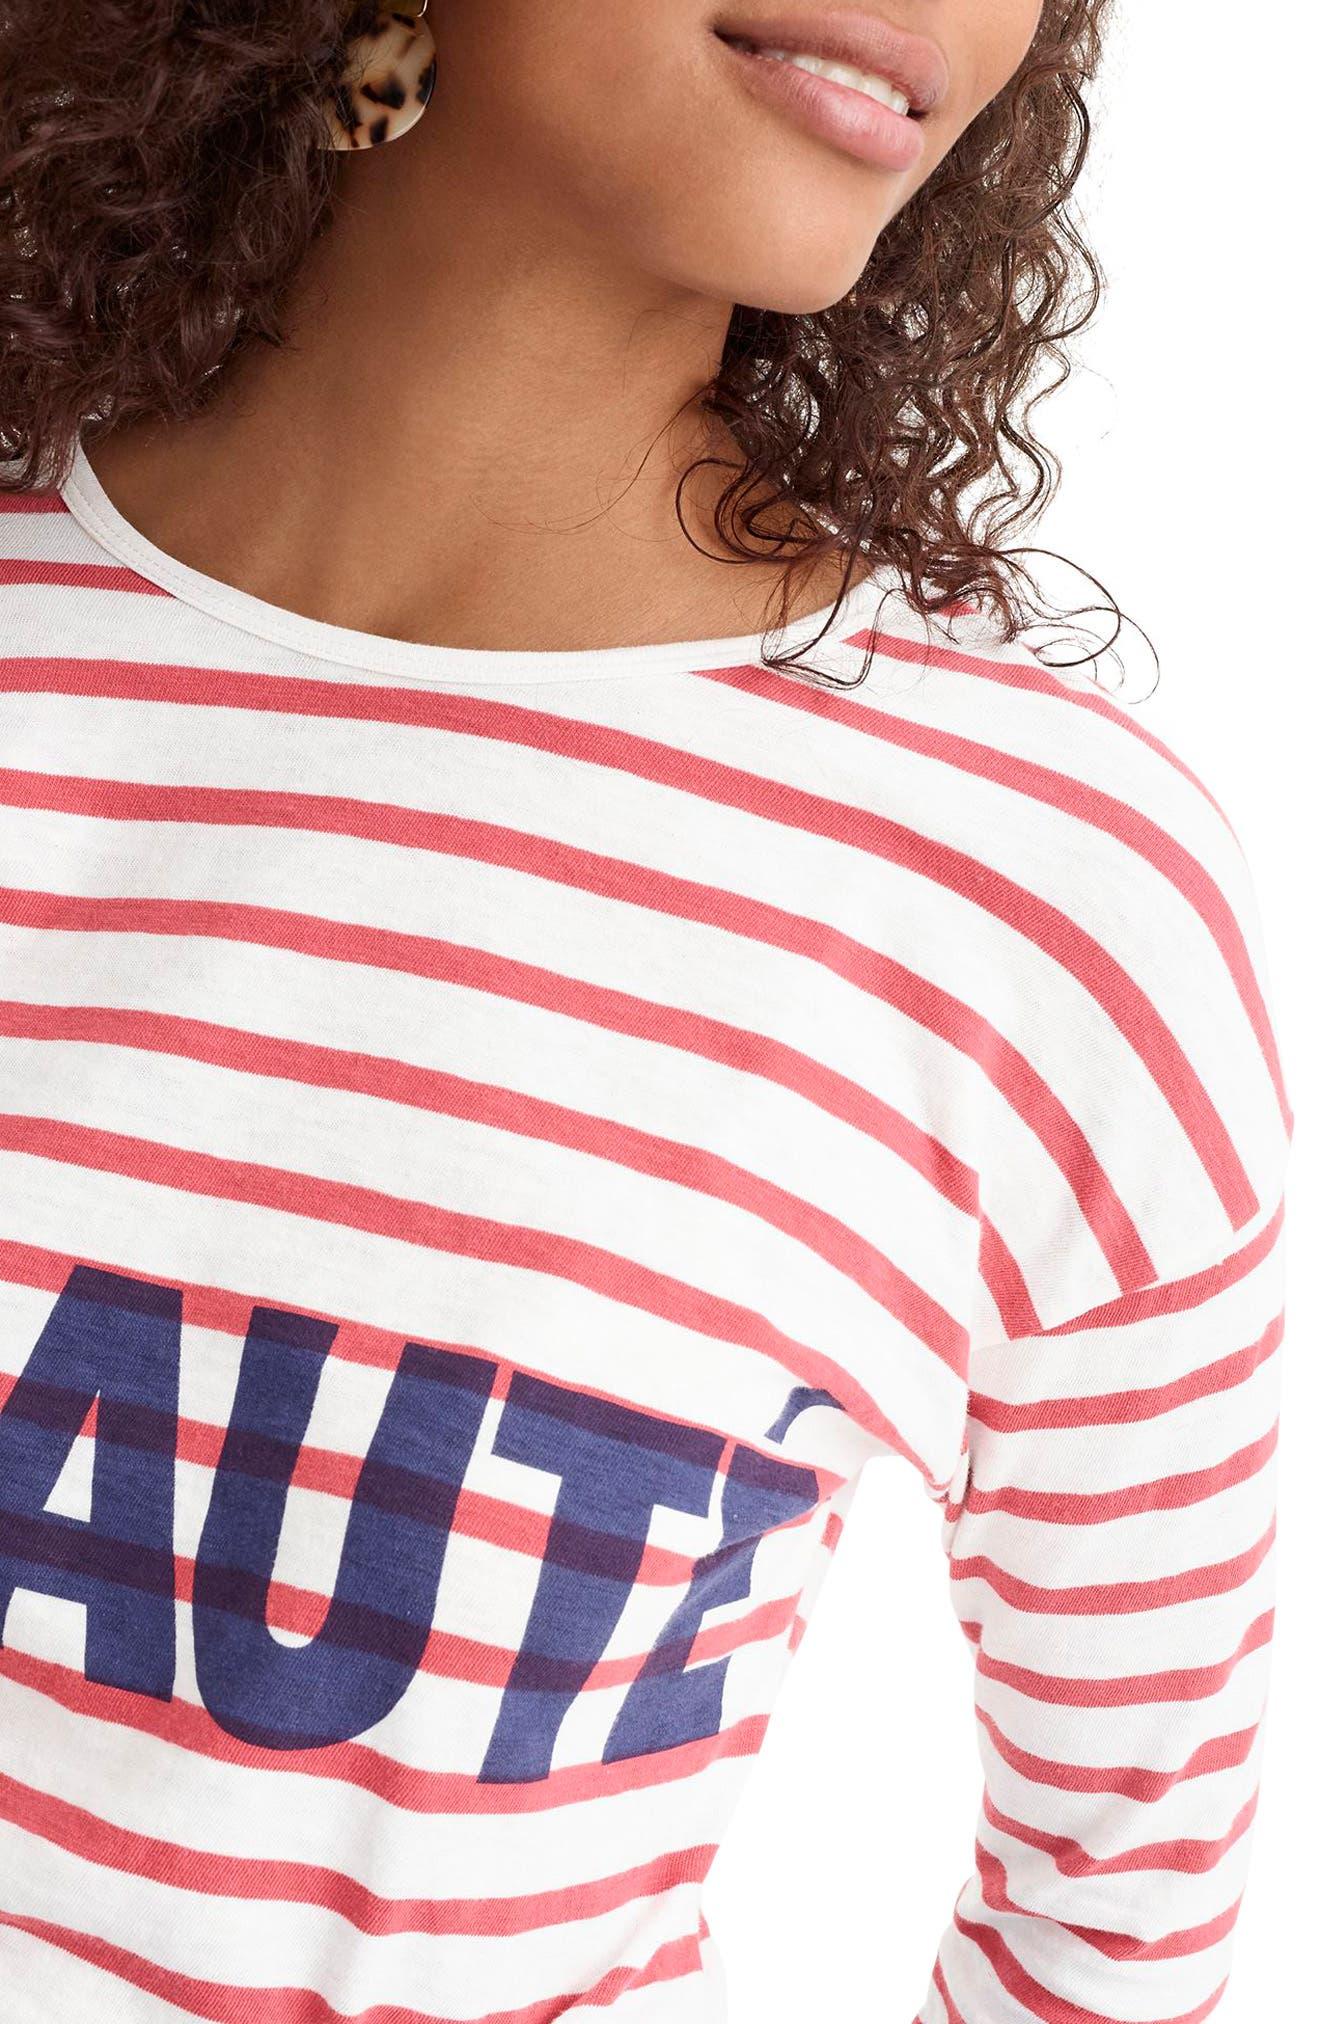 Beauté T-Shirt,                             Alternate thumbnail 4, color,                             600